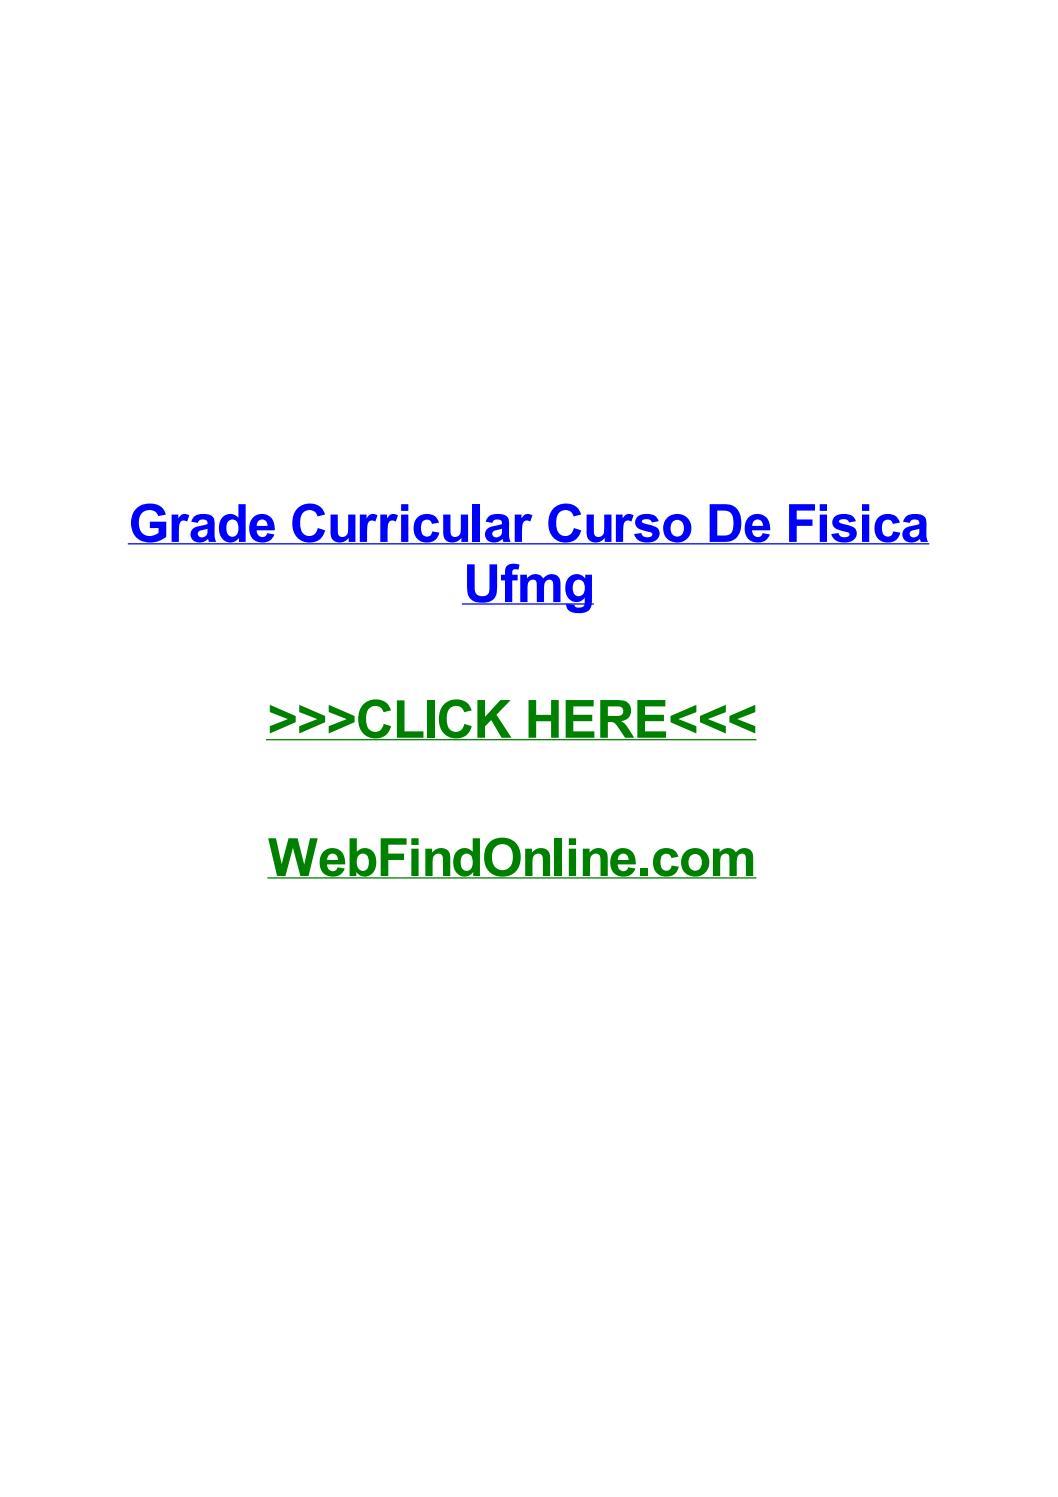 Grade Curricular Curso De Fisica Ufmg By Jeremyawtn Issuu